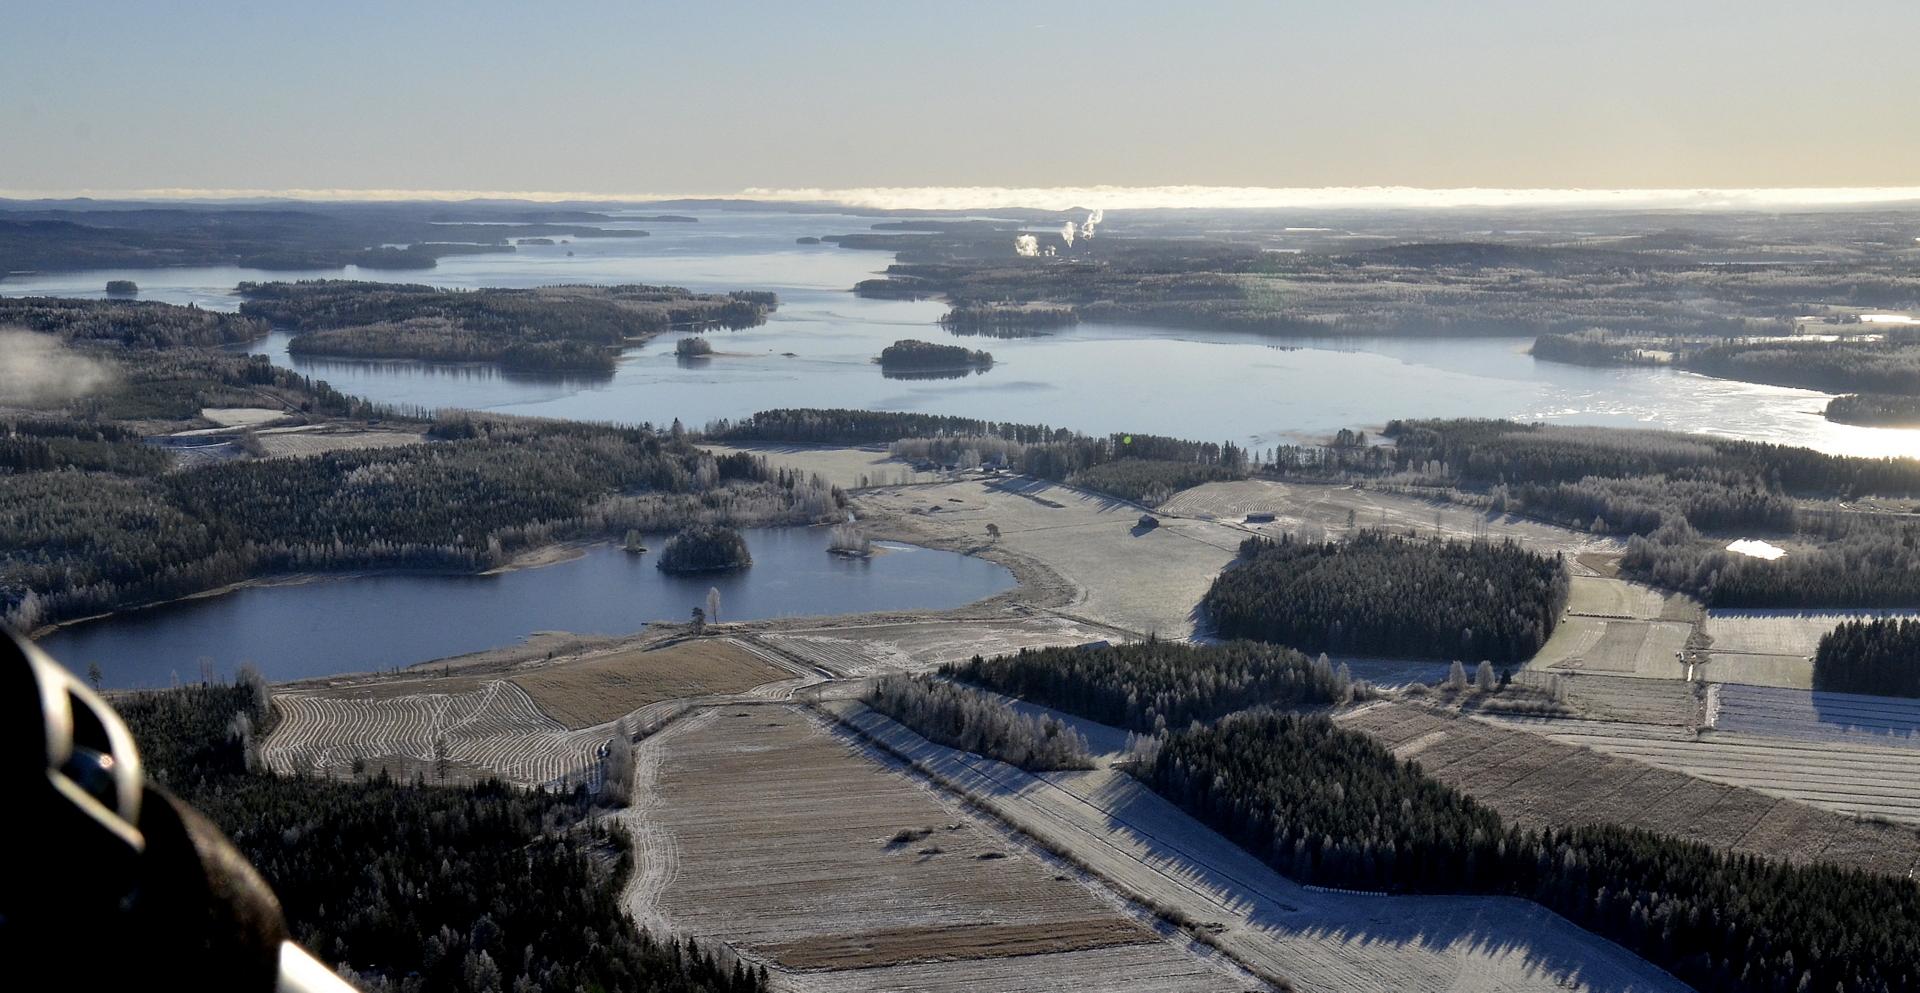 Piolampi ja Muikunlahden rannat jäässä 2.11.17.